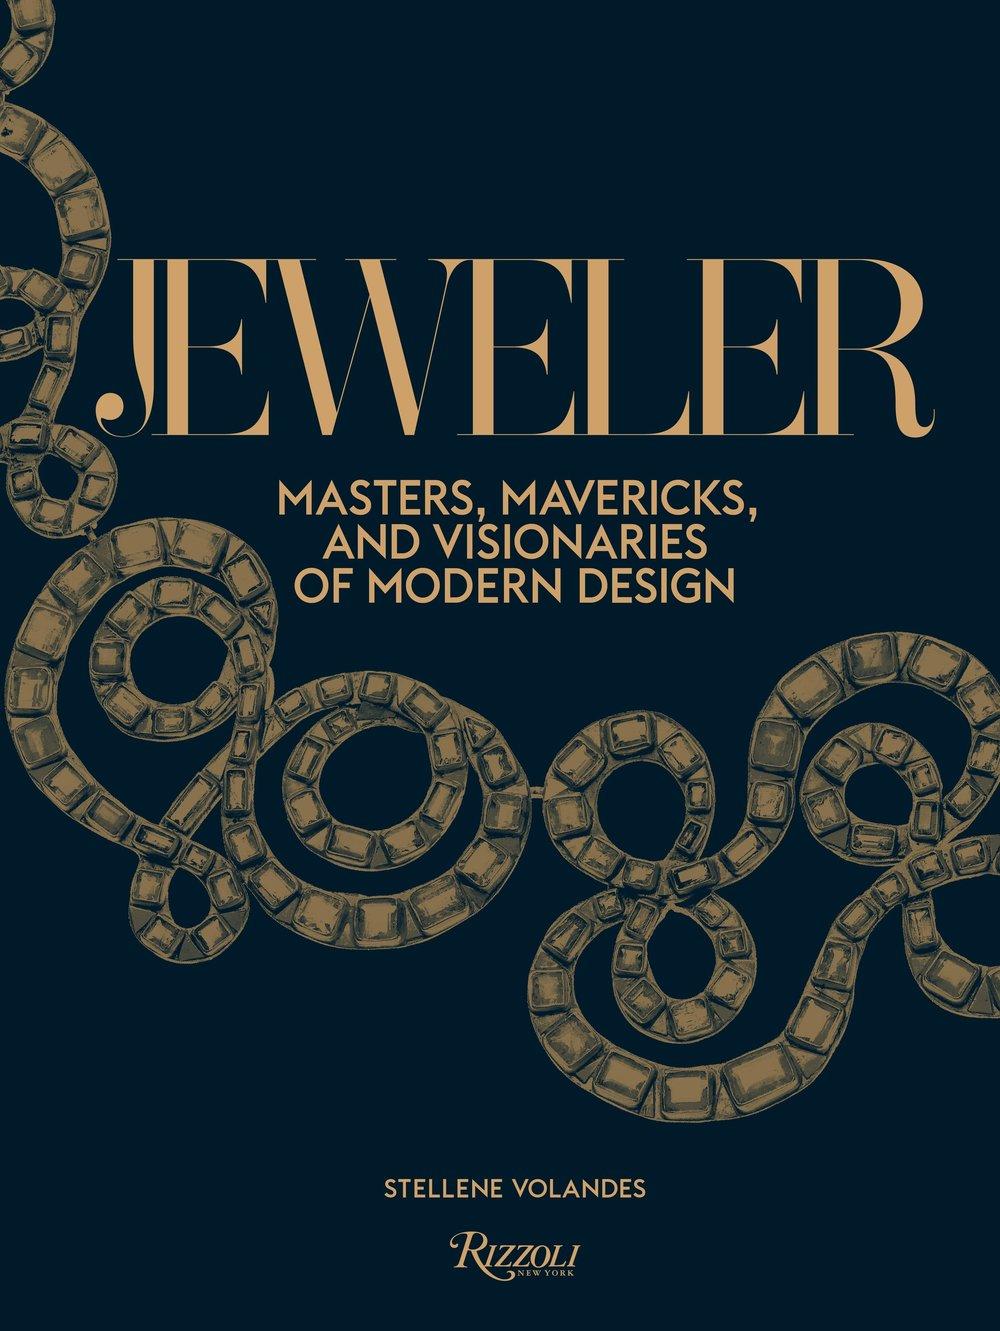 Jeweler by Stellene Volandes